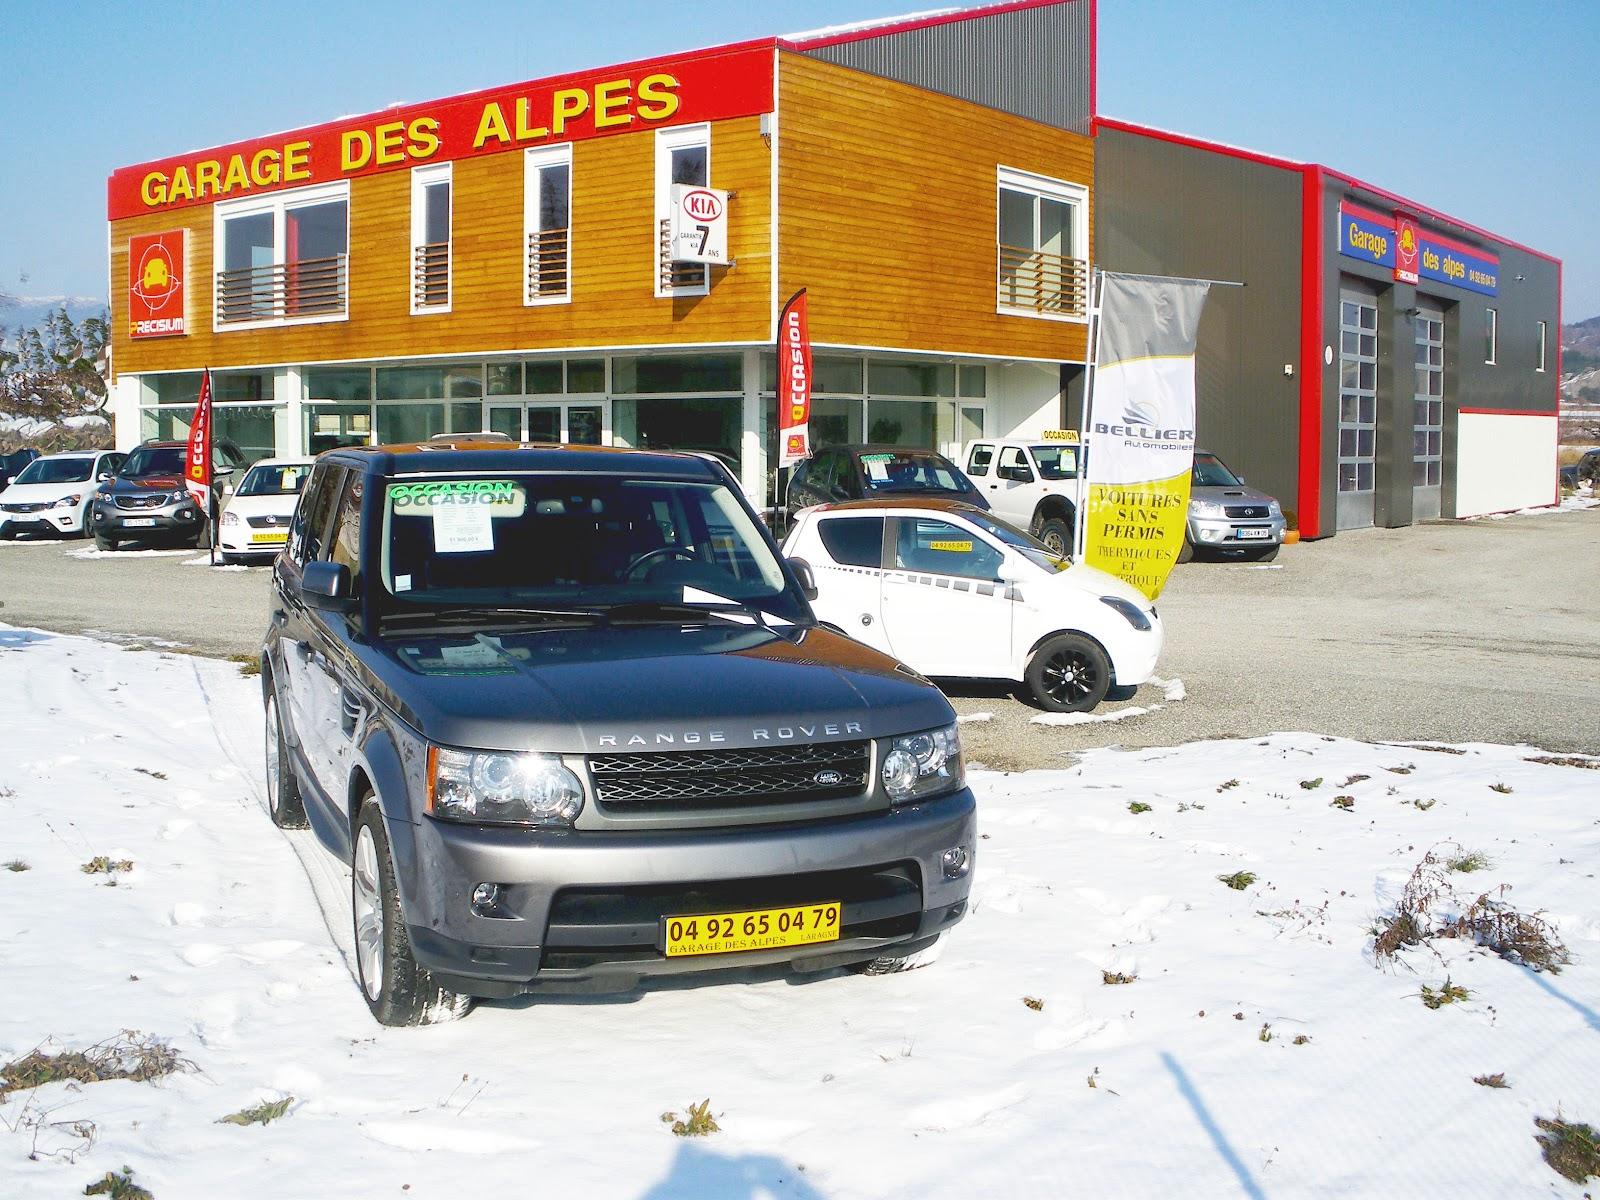 Garage des alpes laragne novembre 2014 for Garage reignier alpes pneus